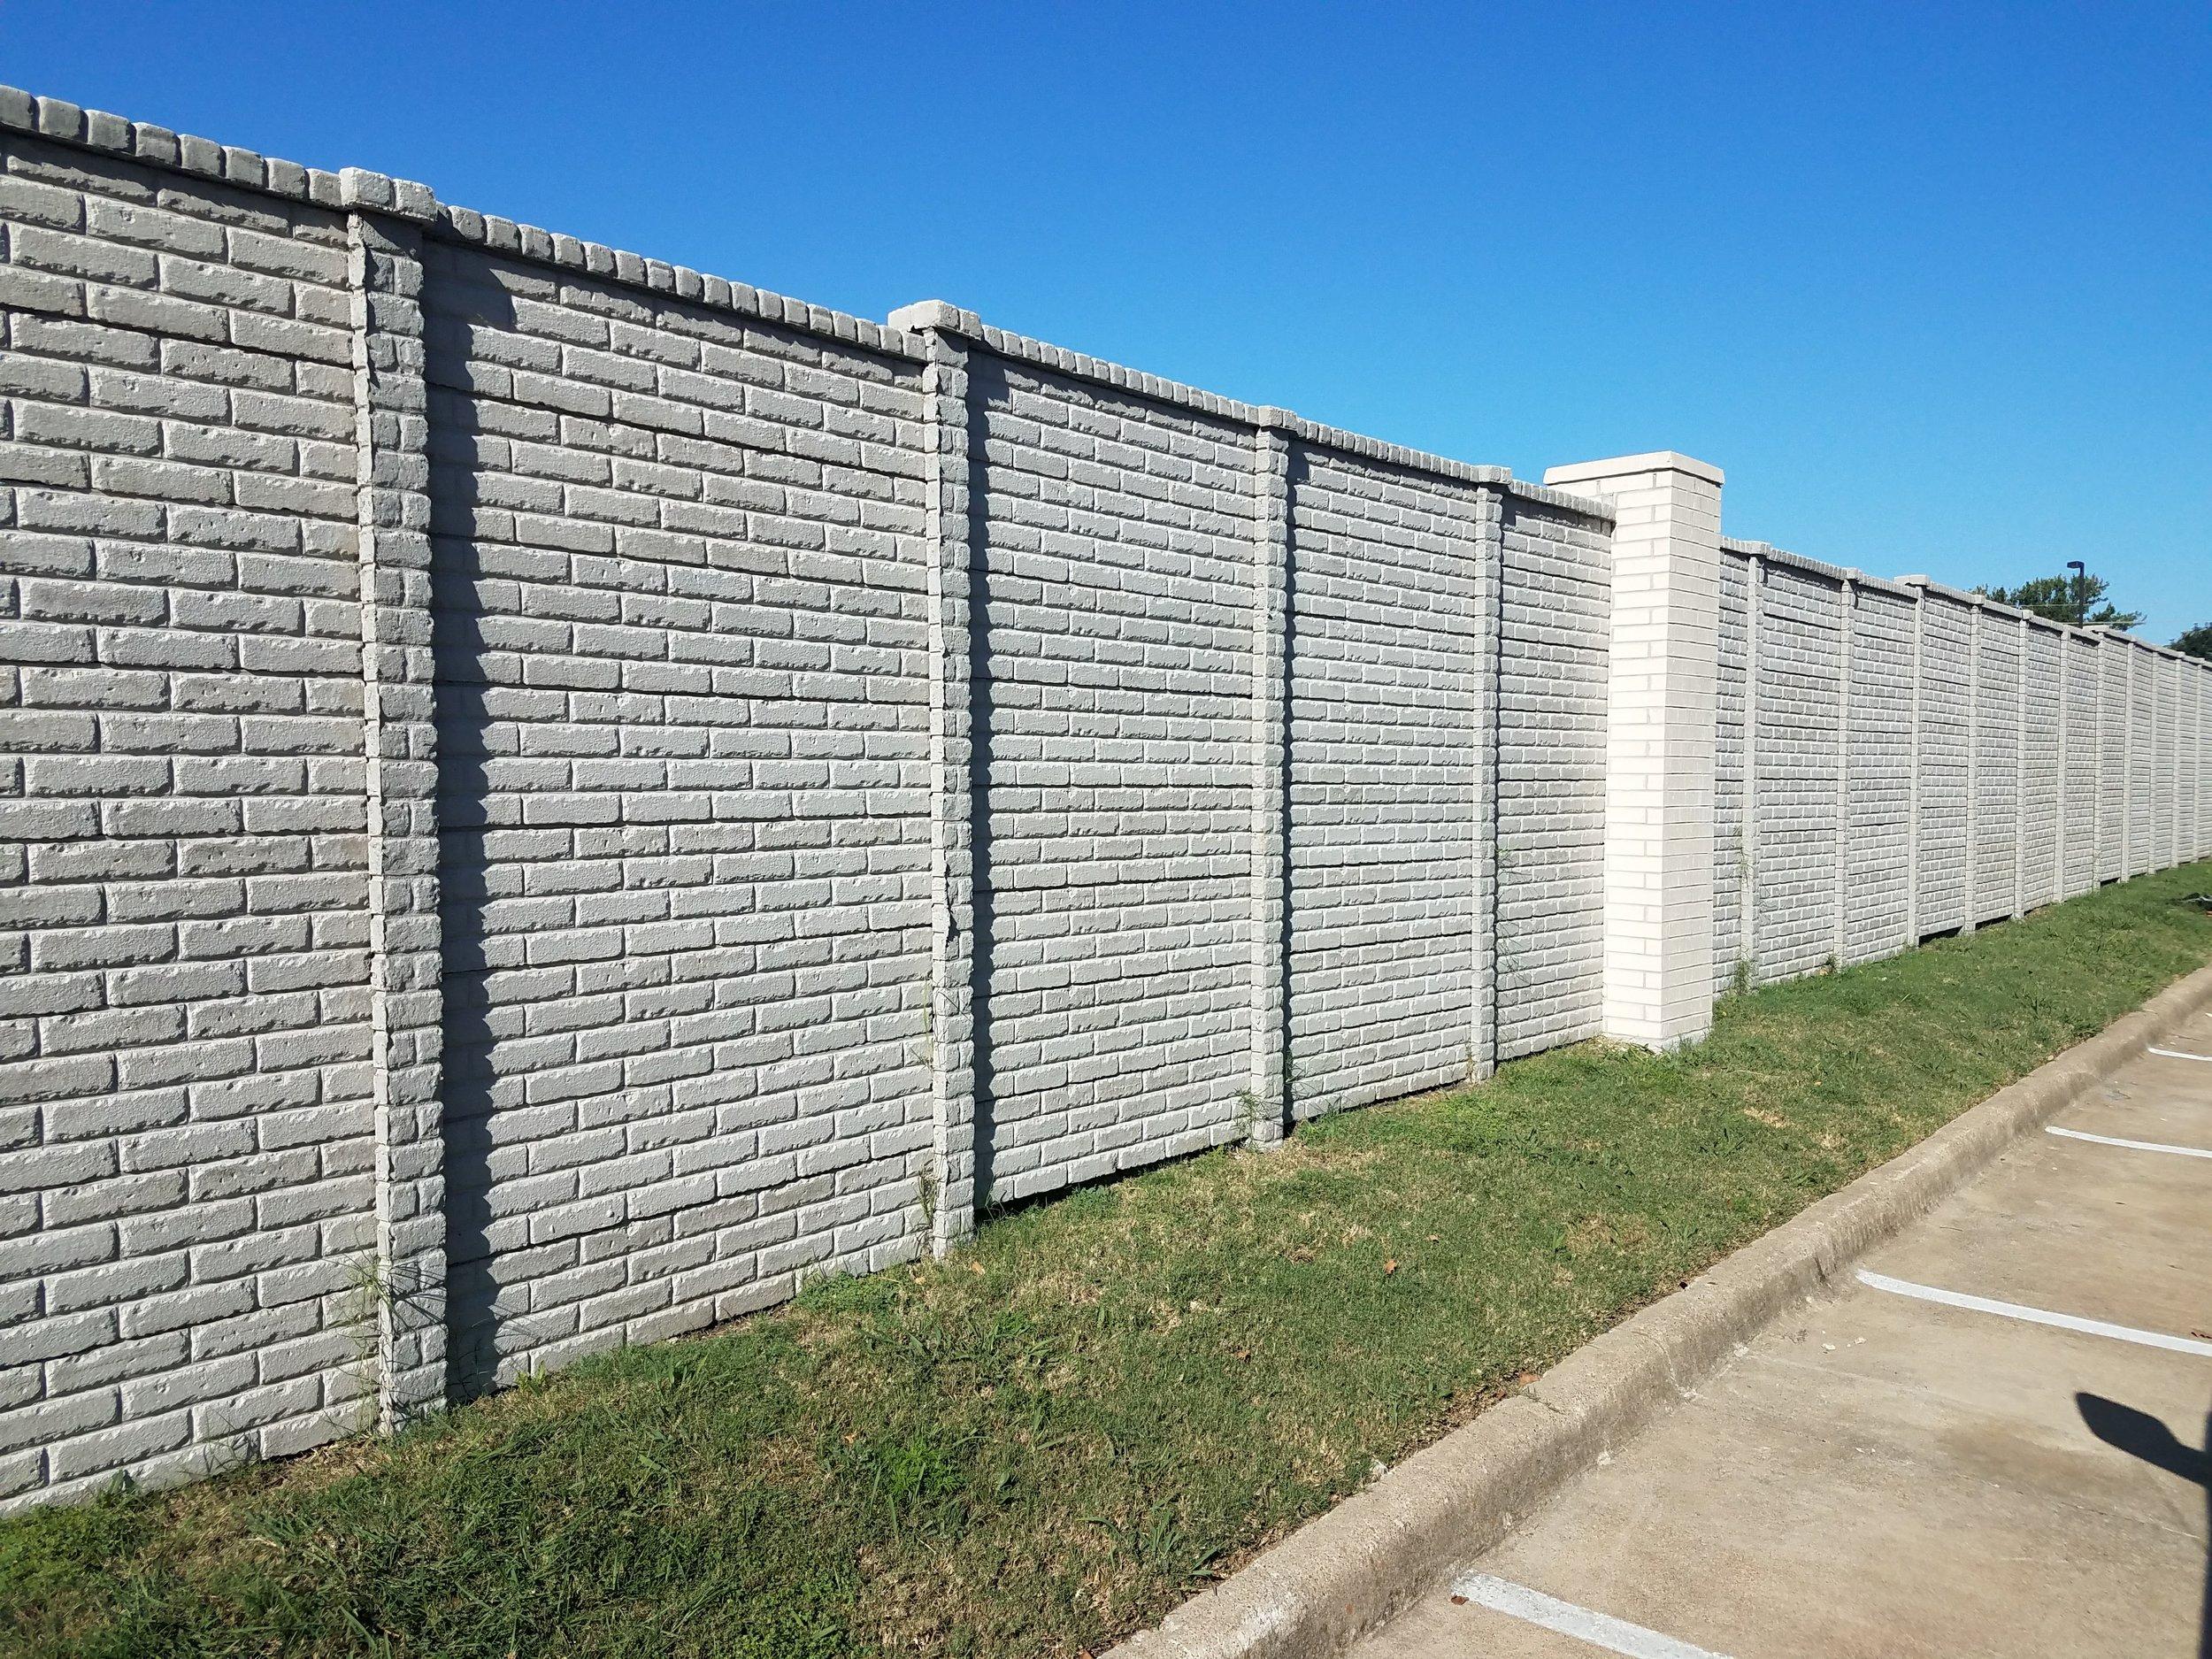 OldBrick Precast Concrete Fence - Copy.jpg